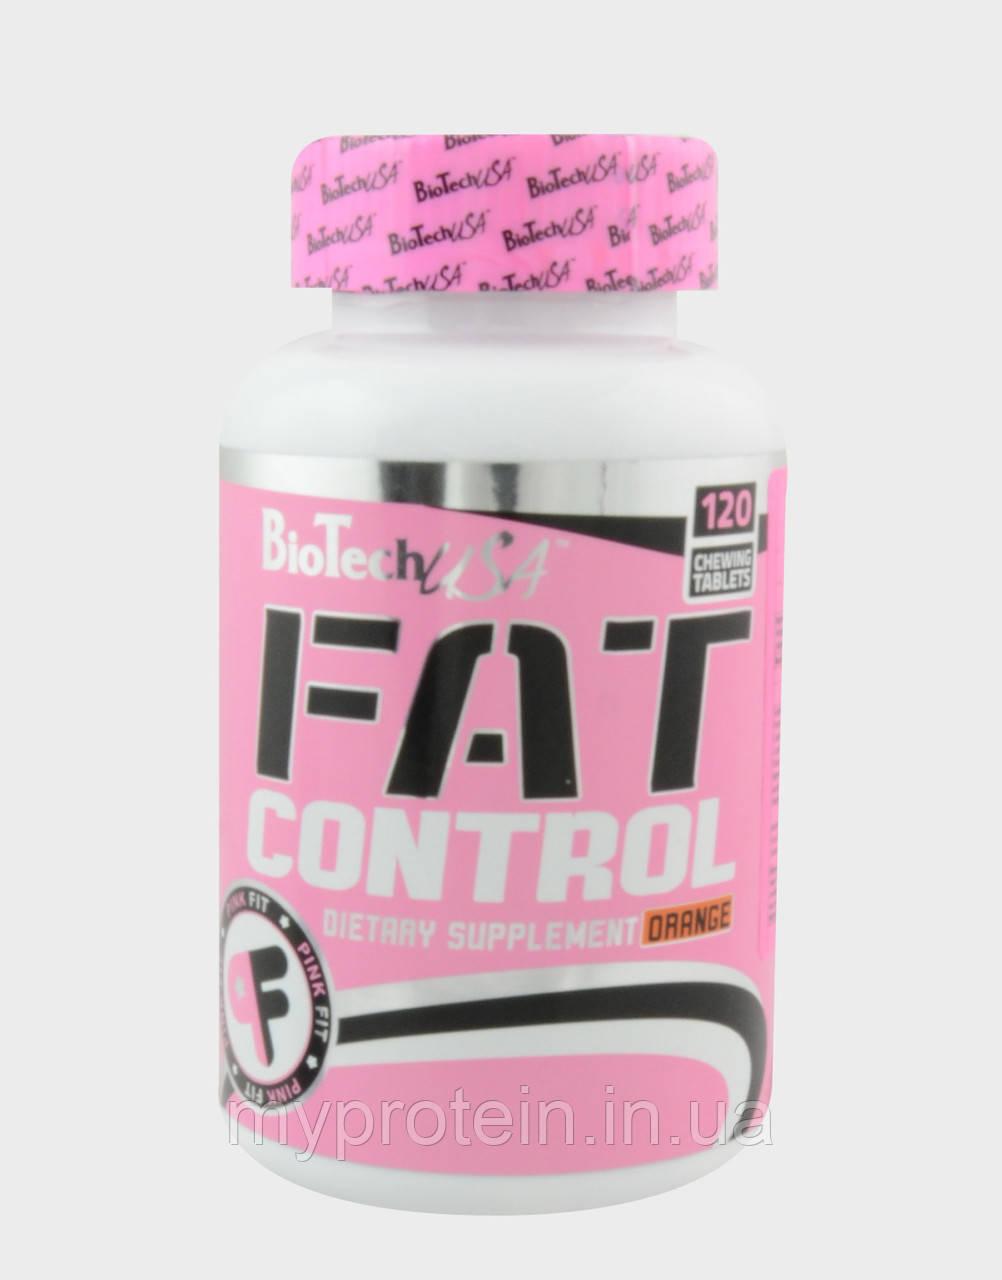 Жиросжигатель Fat Control (120 tabs orange)